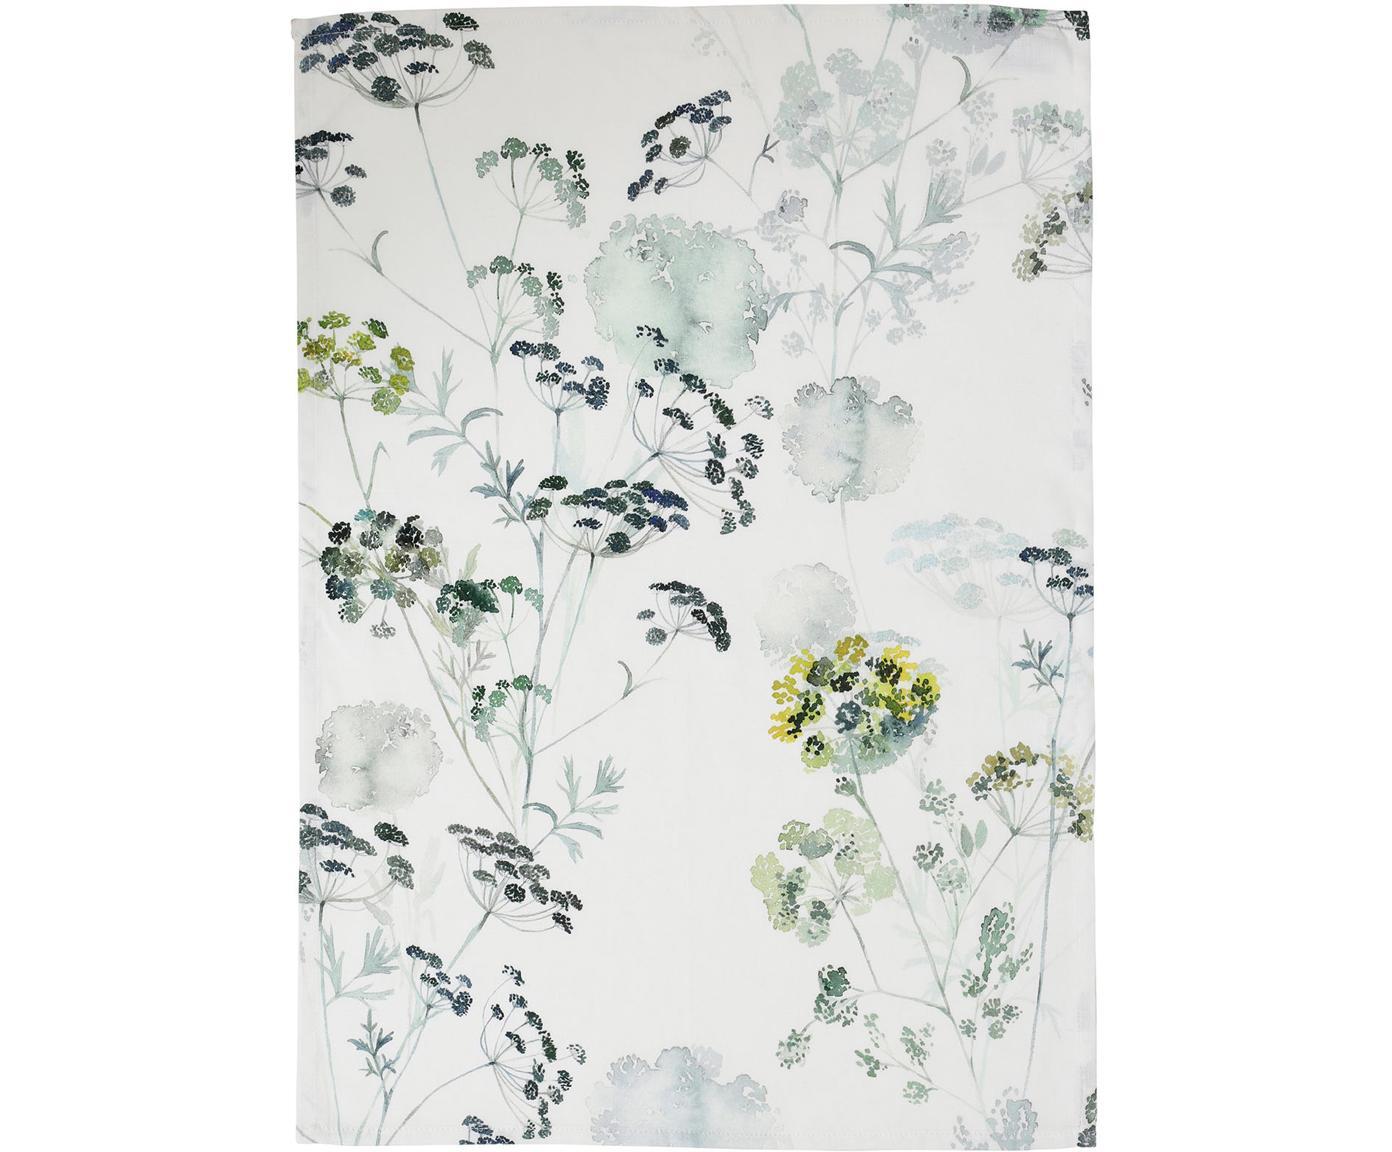 Ręcznik kuchenny Herbier, 2 szt., Bawełna, Biały, zielony, S 50 x D 70 cm